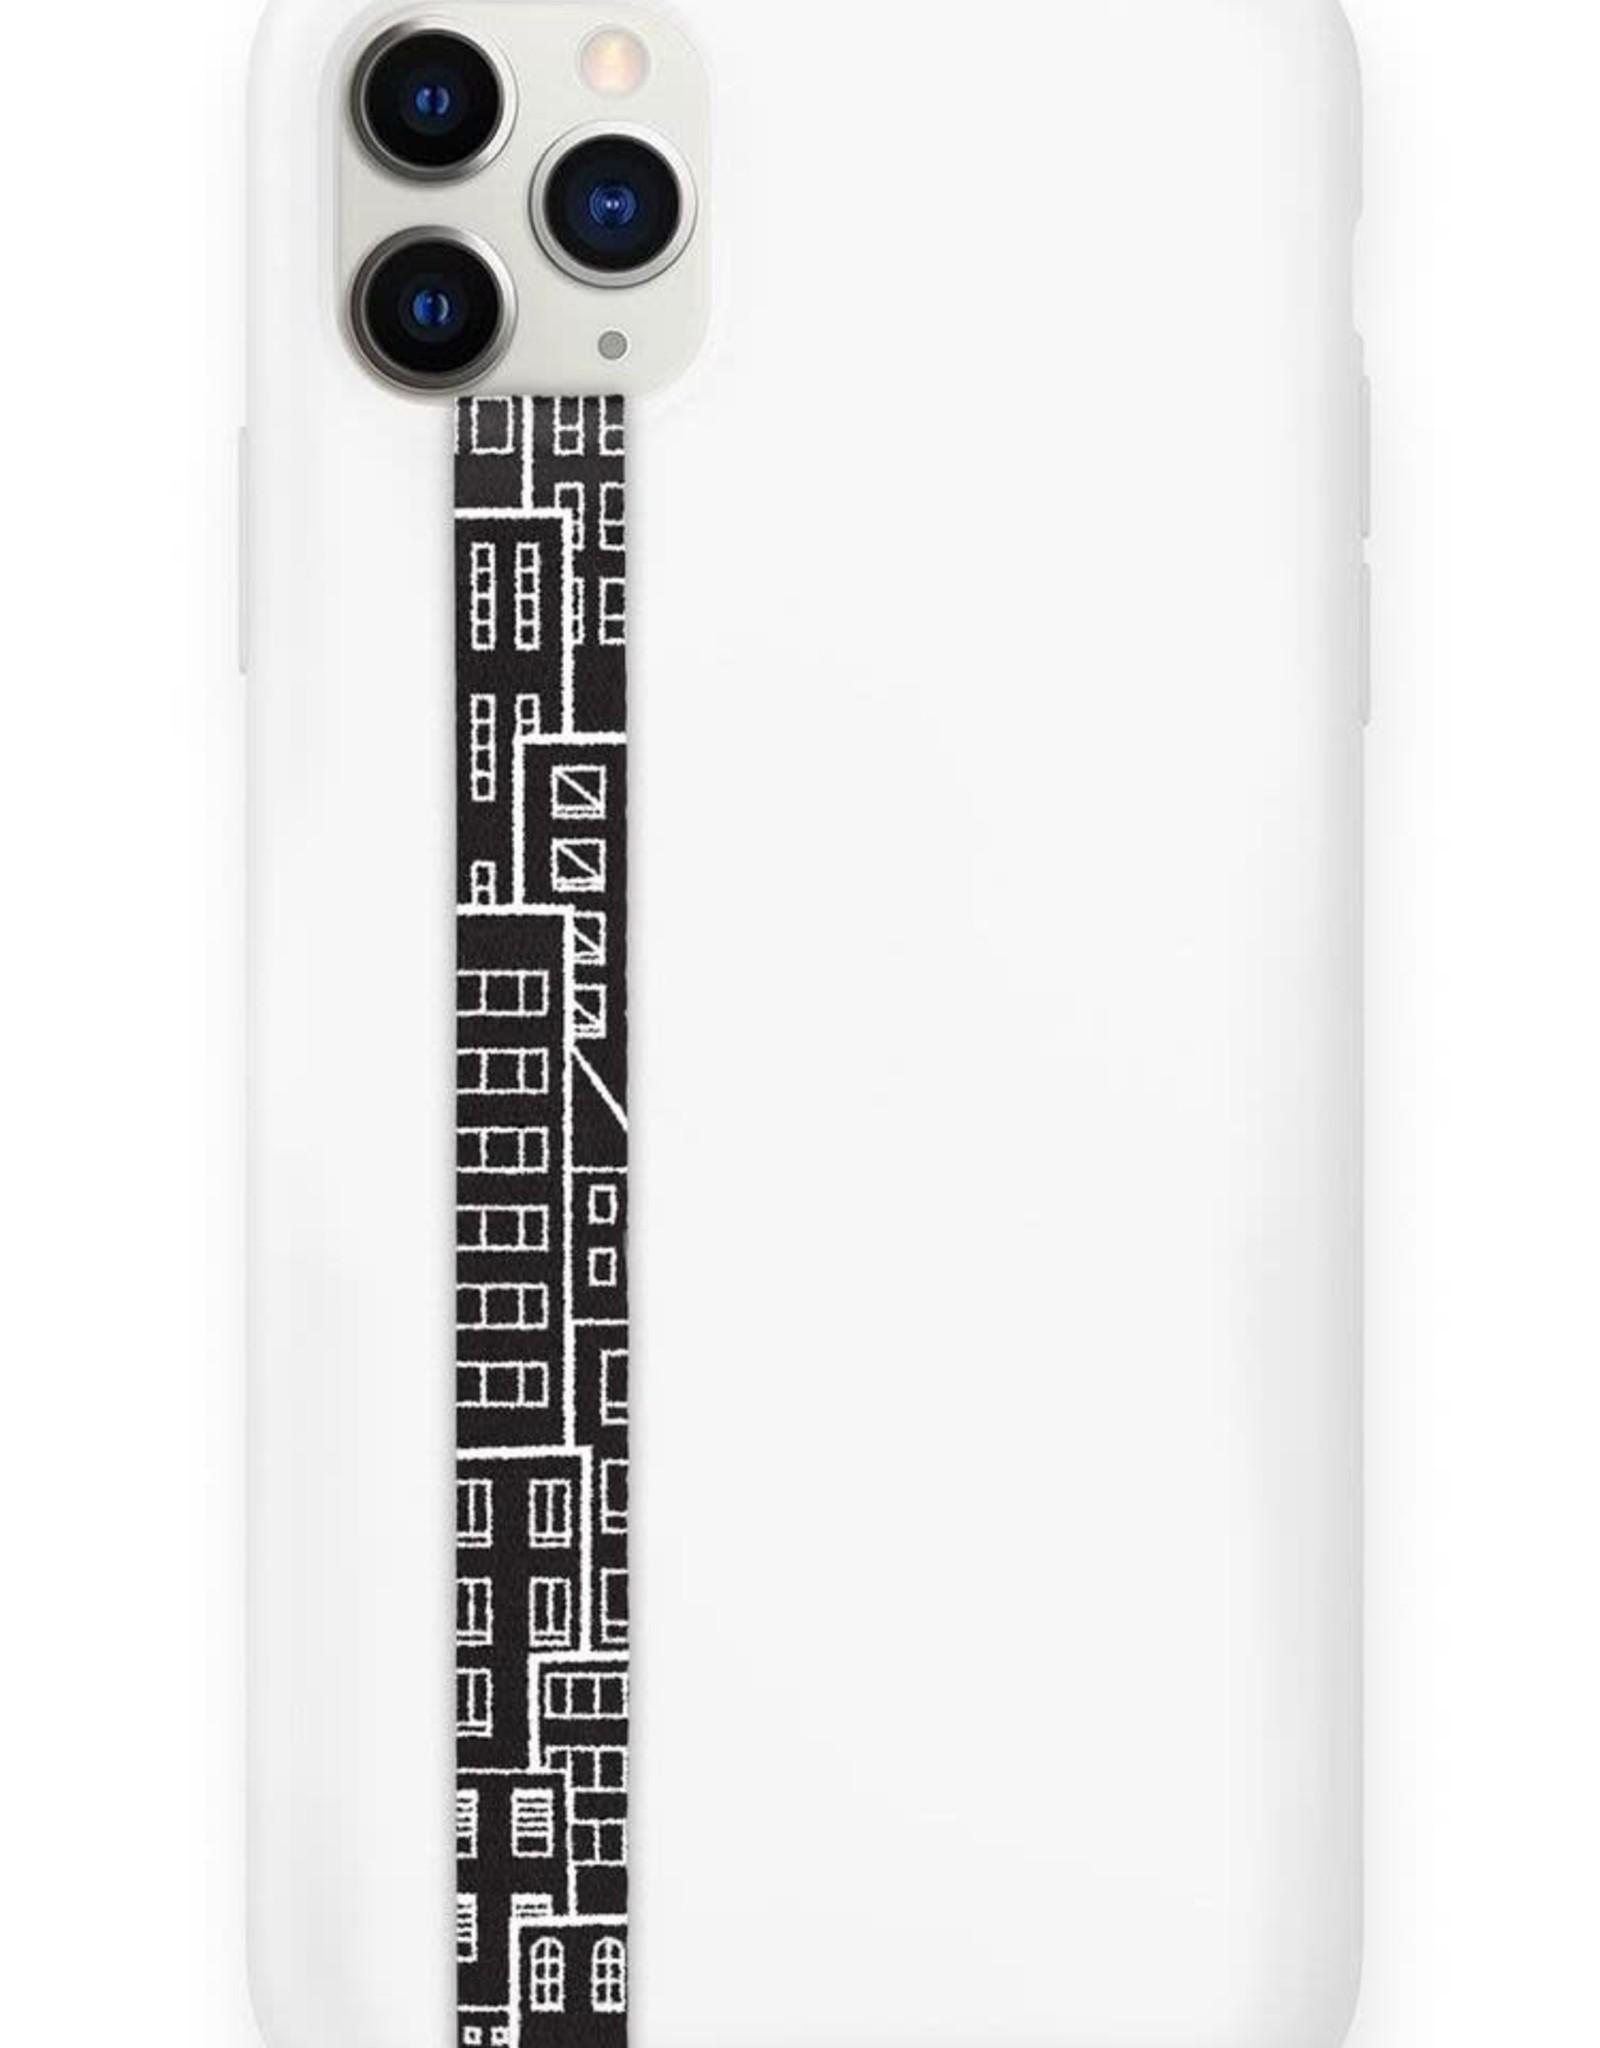 Sangle à cellulaire par Phone loops: City